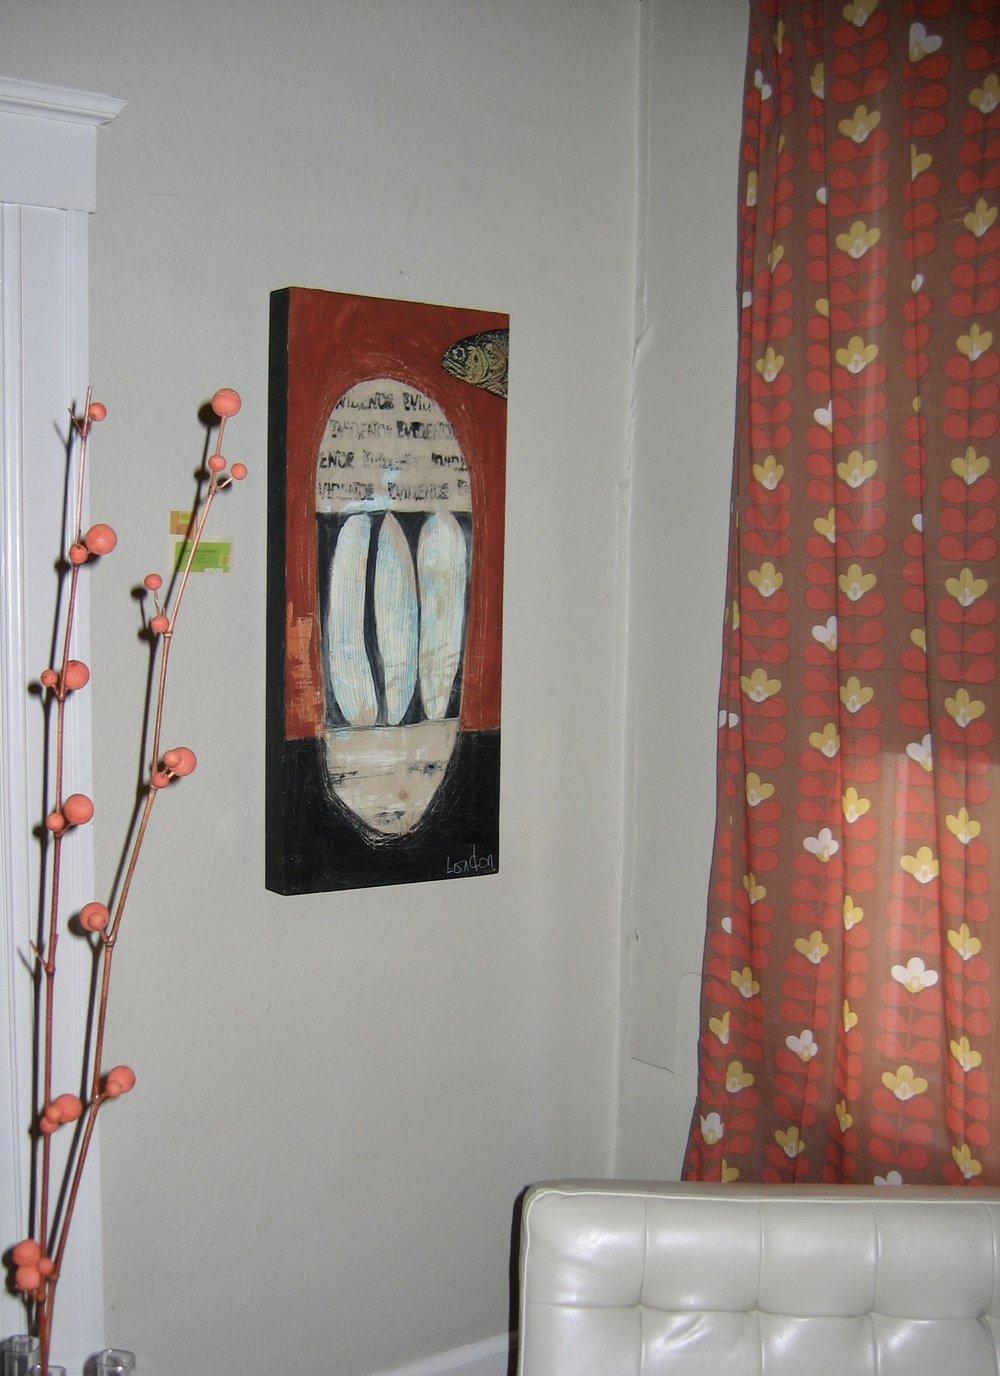 Seed Pod by Marlene London for Spa Jardin